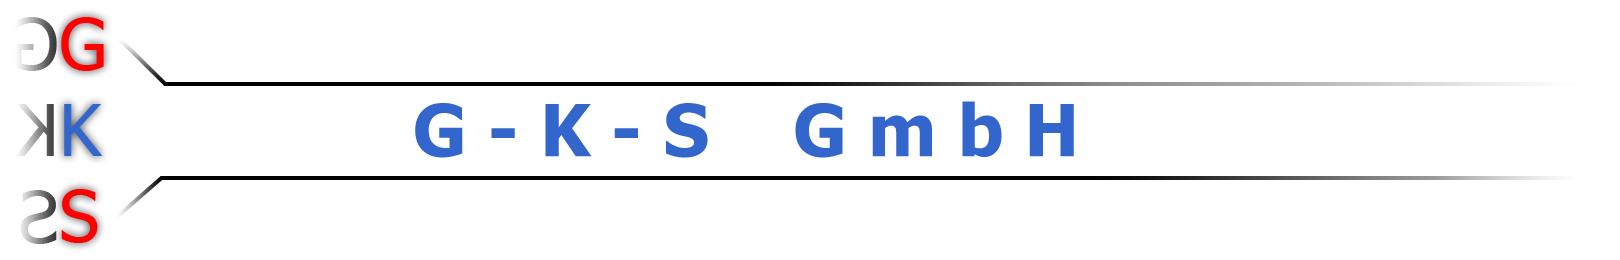 G-K-S Logo